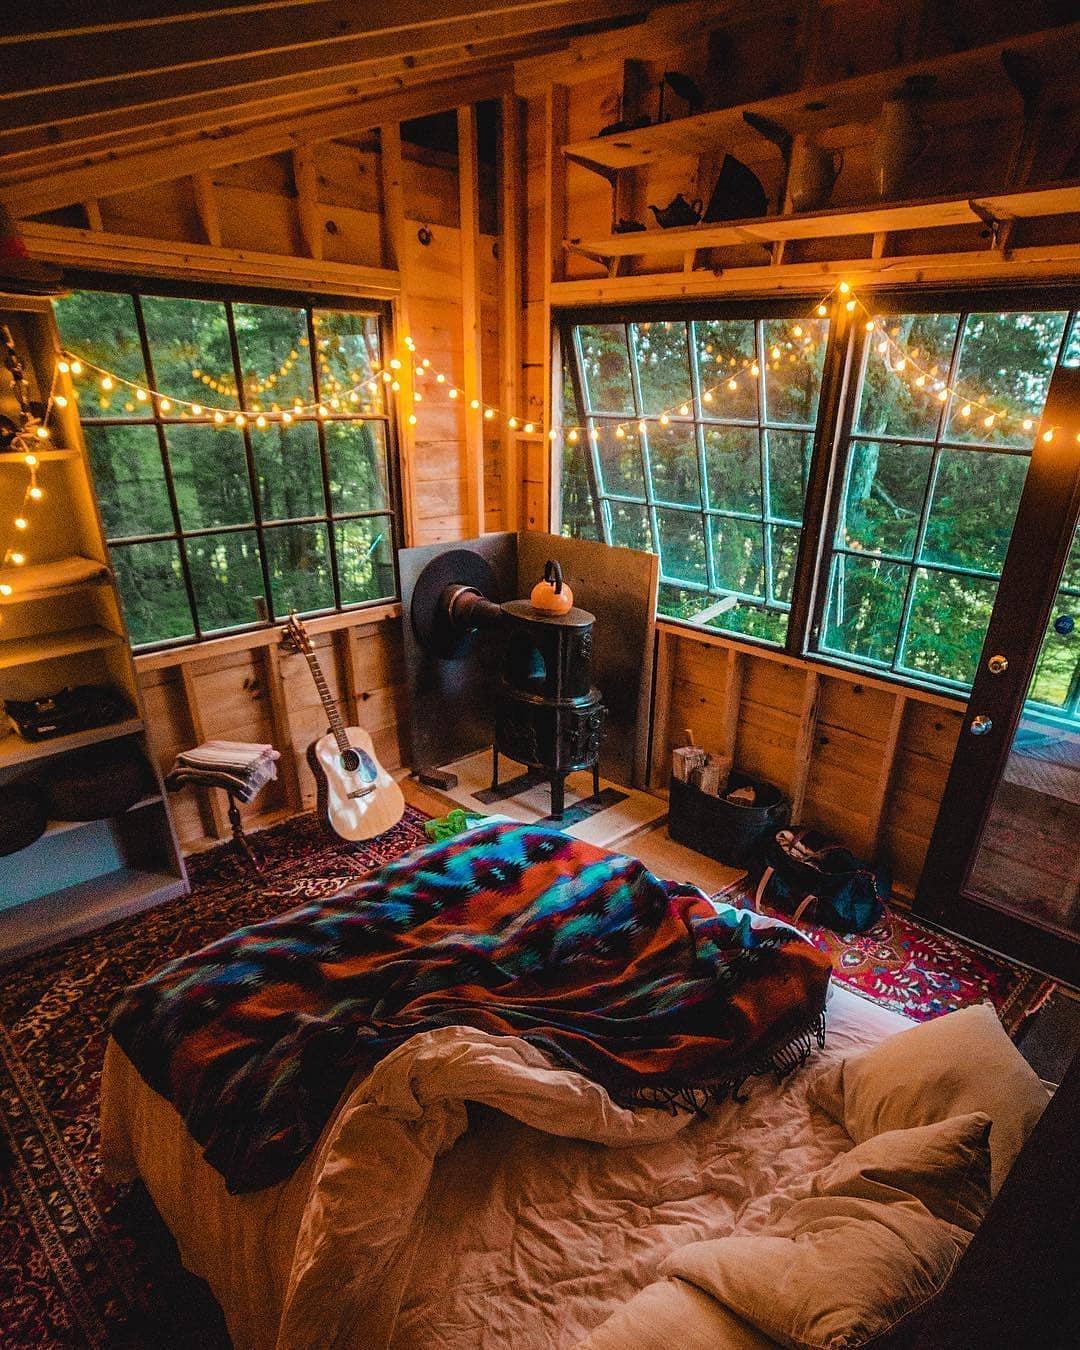 Guirlande lumineuse intérieur chalet bois, lit grand avec couverture hippie chic déco chalet montagne, cool idée comment décorer une chambre à coucher cosy